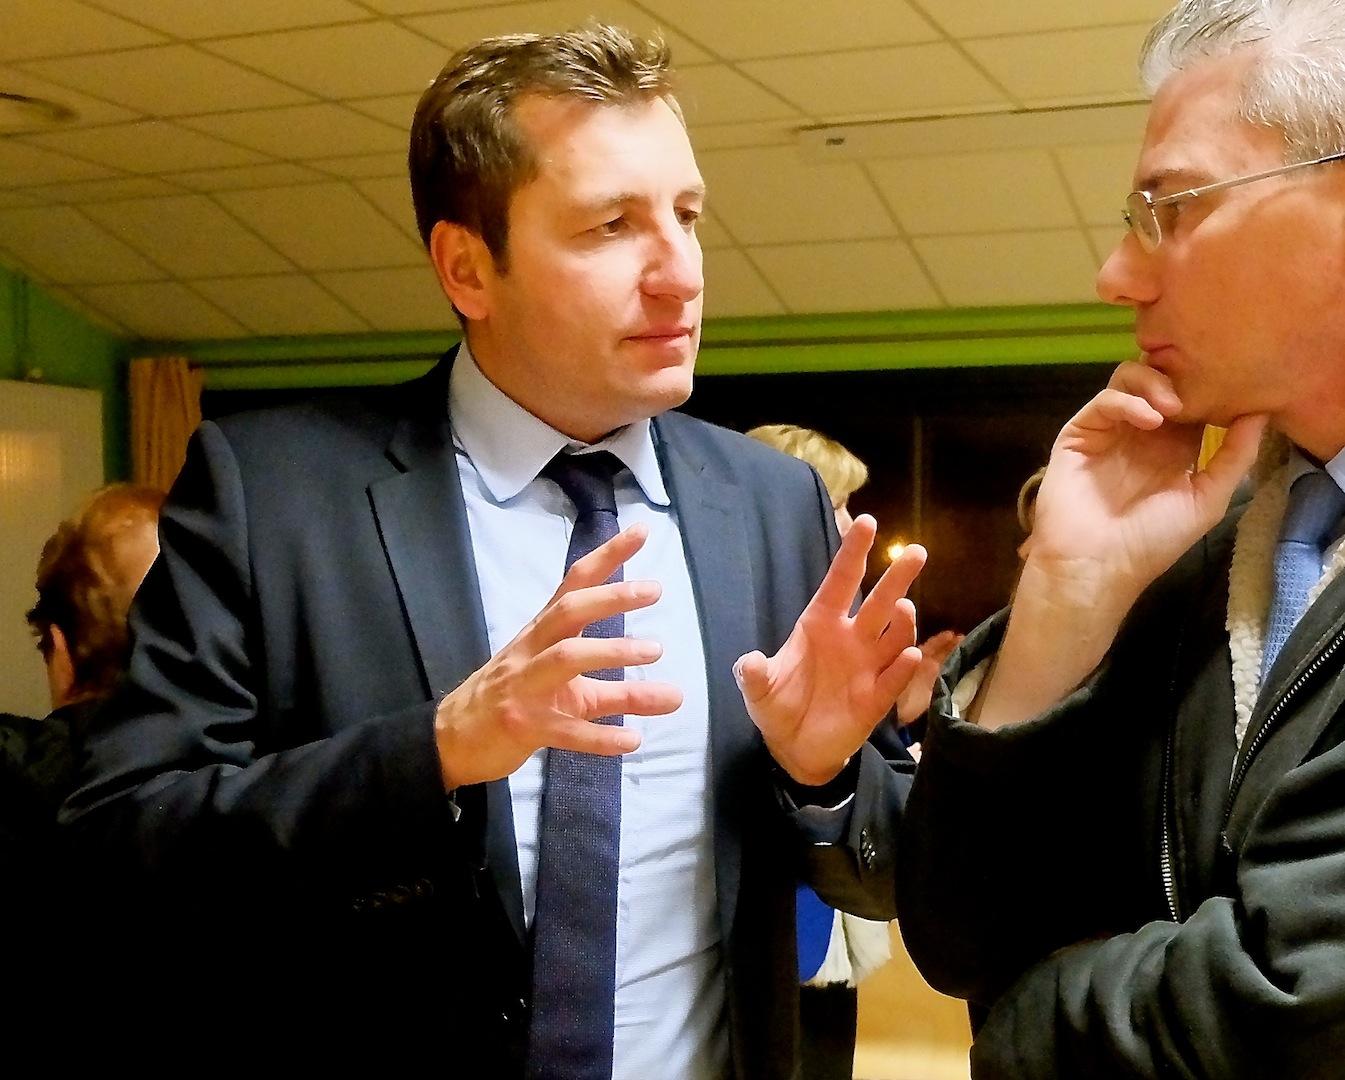 Alain Chrétien en novembre 2016 pendant la campagne de la primaire de la droite et du centre dans laquelle il soutenait Bruno Le Maire. (photo d'archives Daniel Bordur)